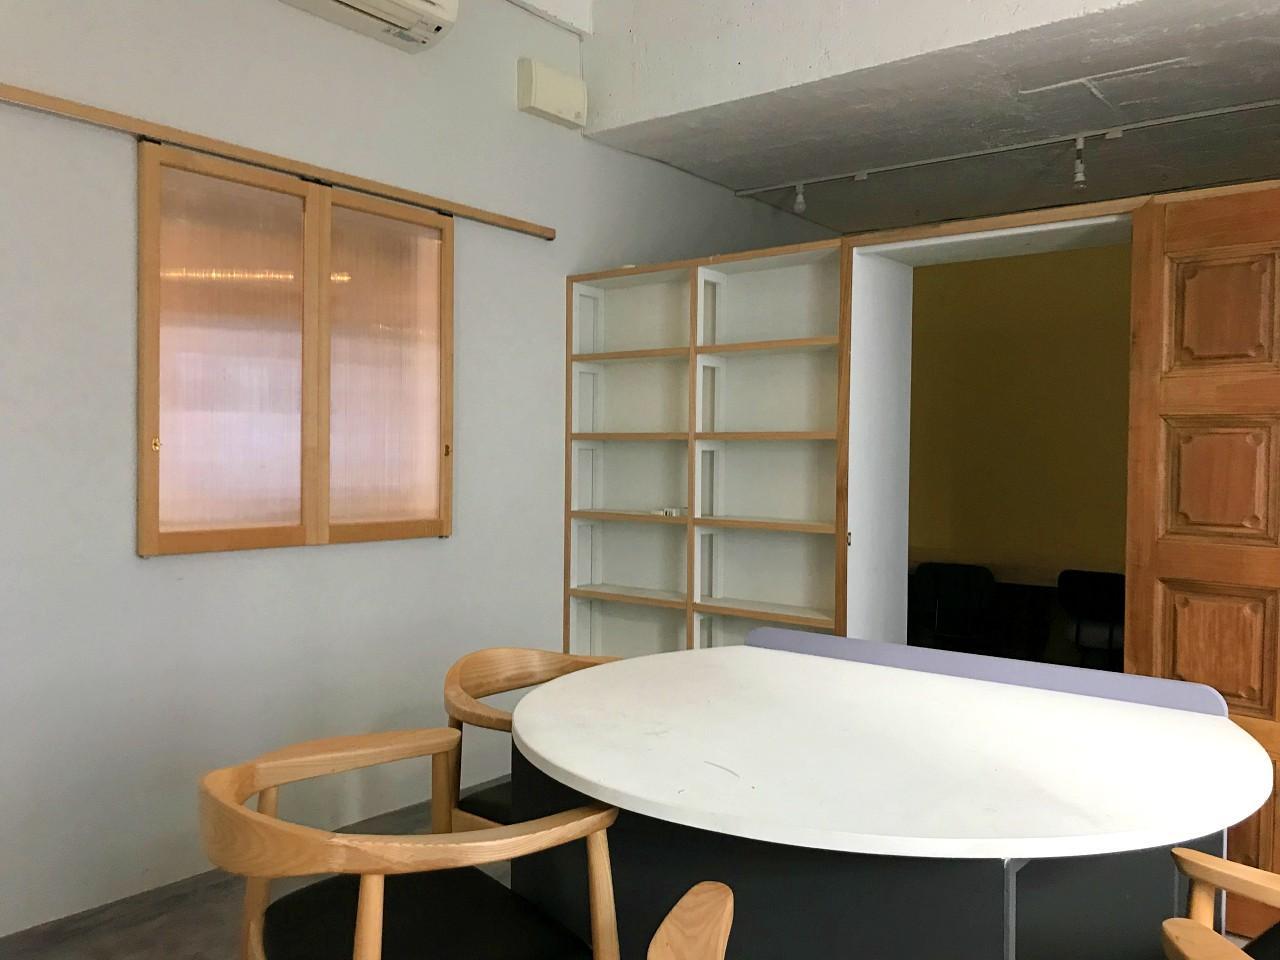 約8坪の空間が手前を打ち合わせスペース、奥を作業スペースに